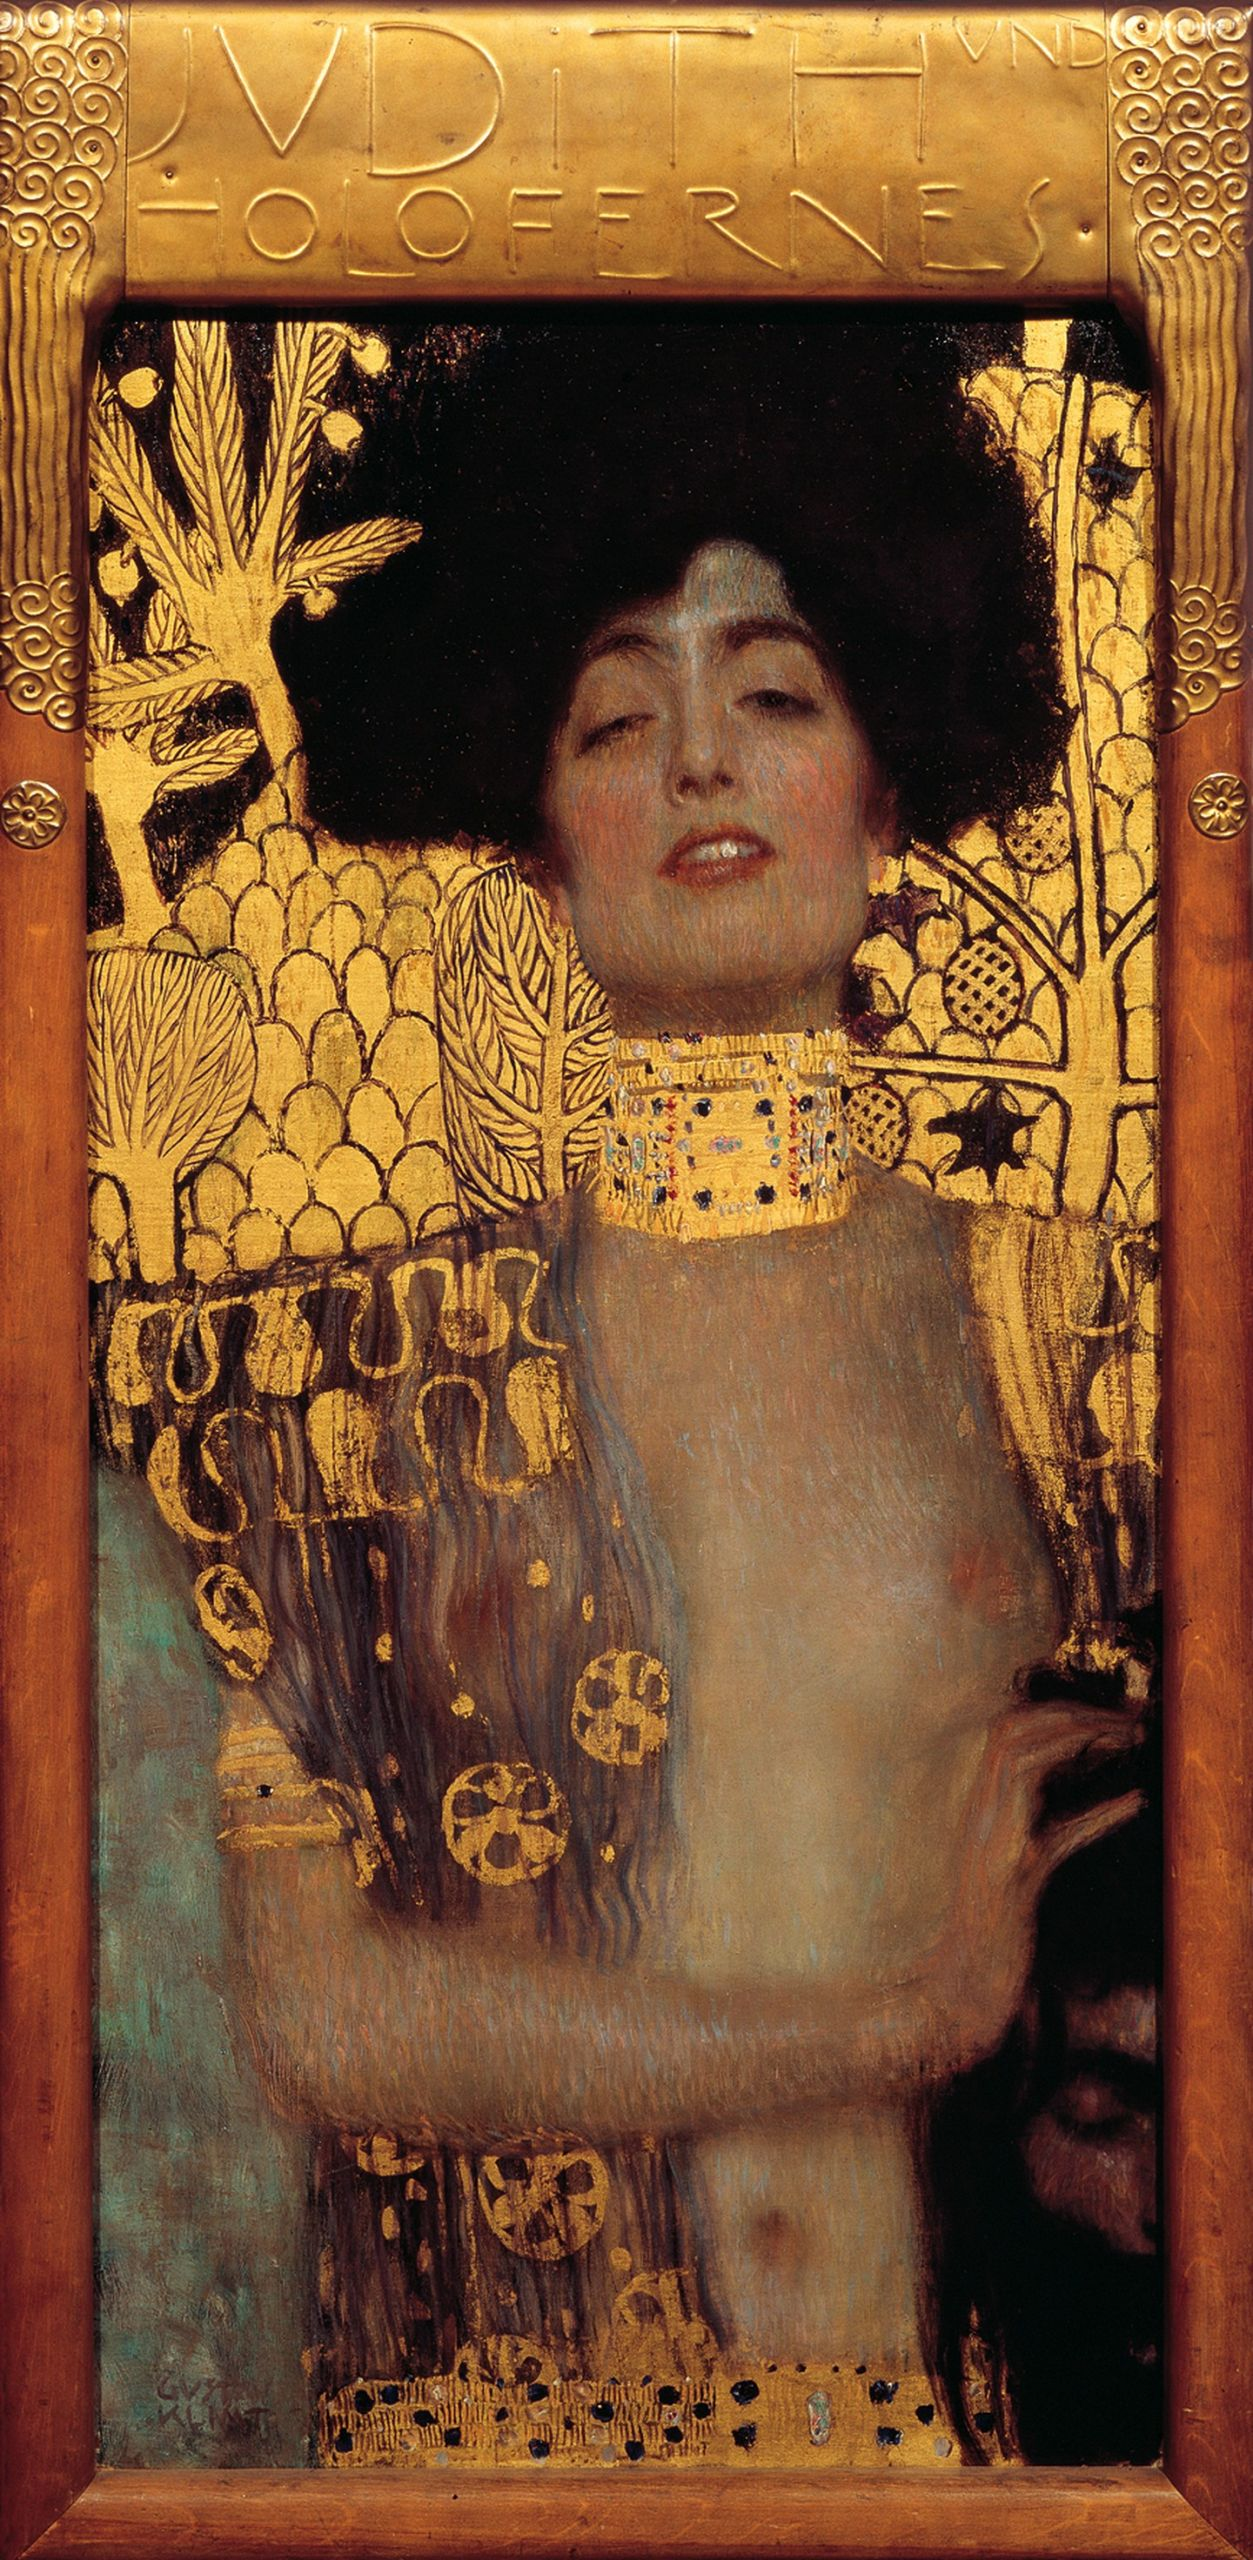 Γκούσταφ Κλιμτ, Η Ιουδήθ και το κεφάλι του Ολοφέρνη, 1901. Φωτογραφία: Österreichische Galerie Belvedere/WikiCommons